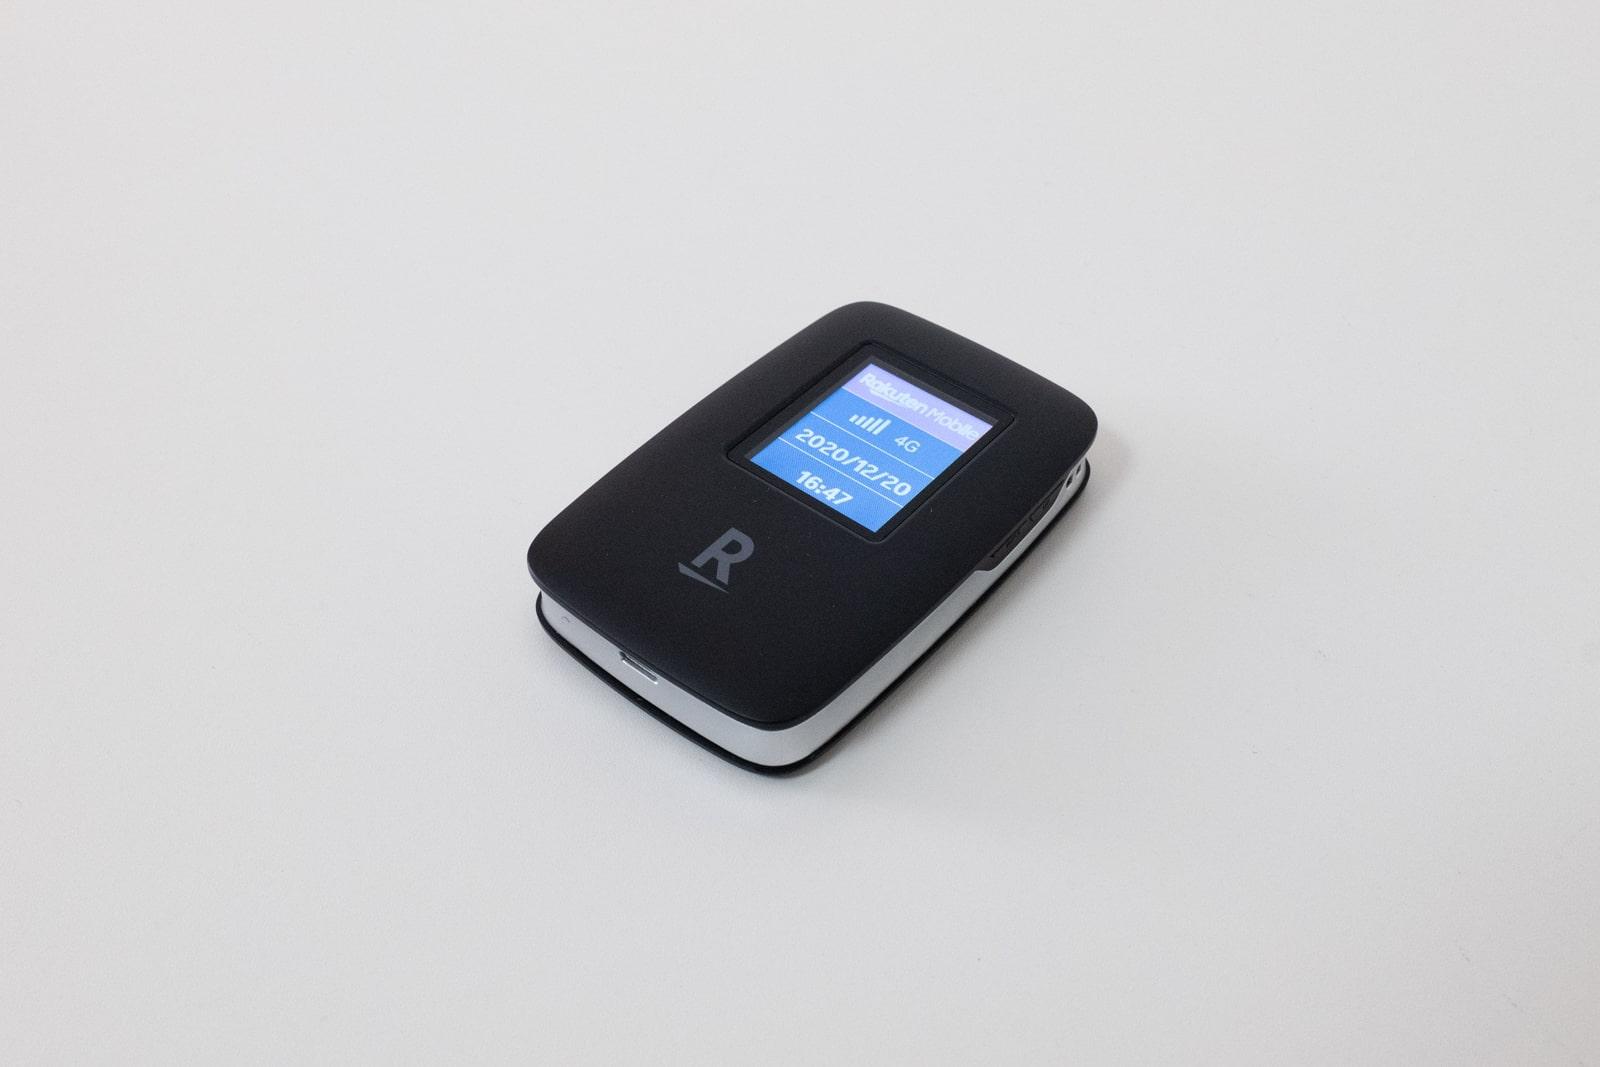 Pocket rakuten wifi